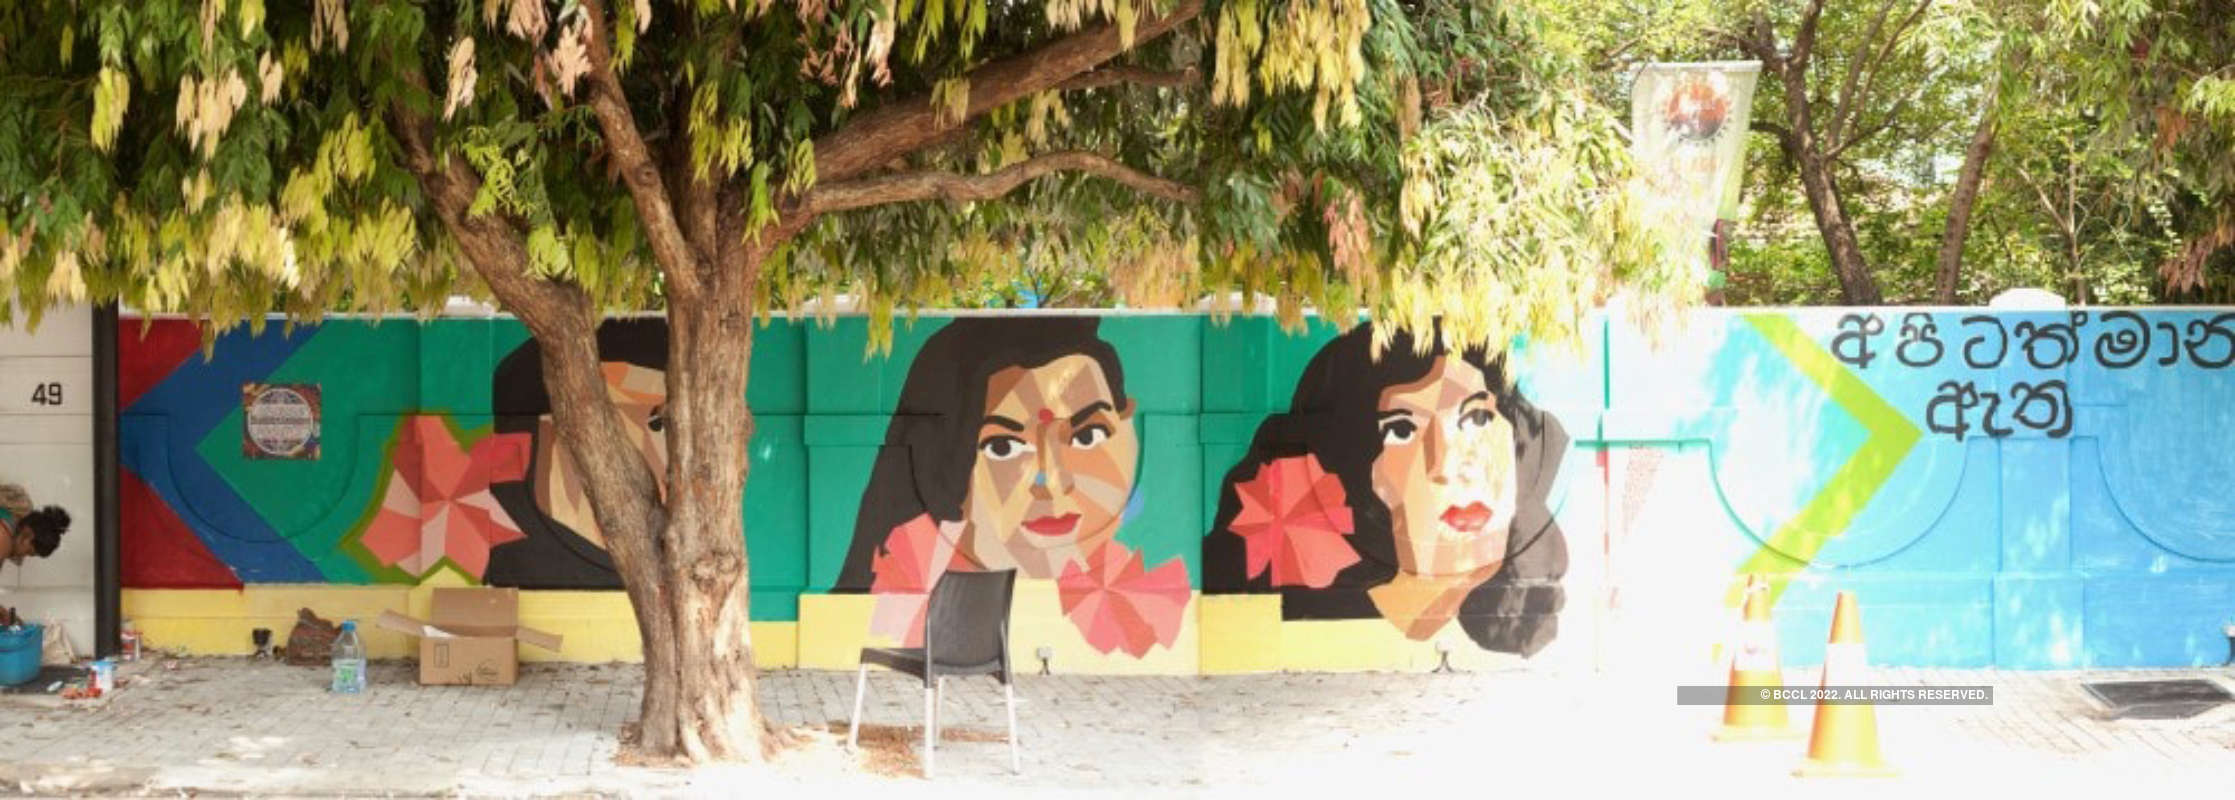 Transgender artists reclaim public spaces through technicolour murals